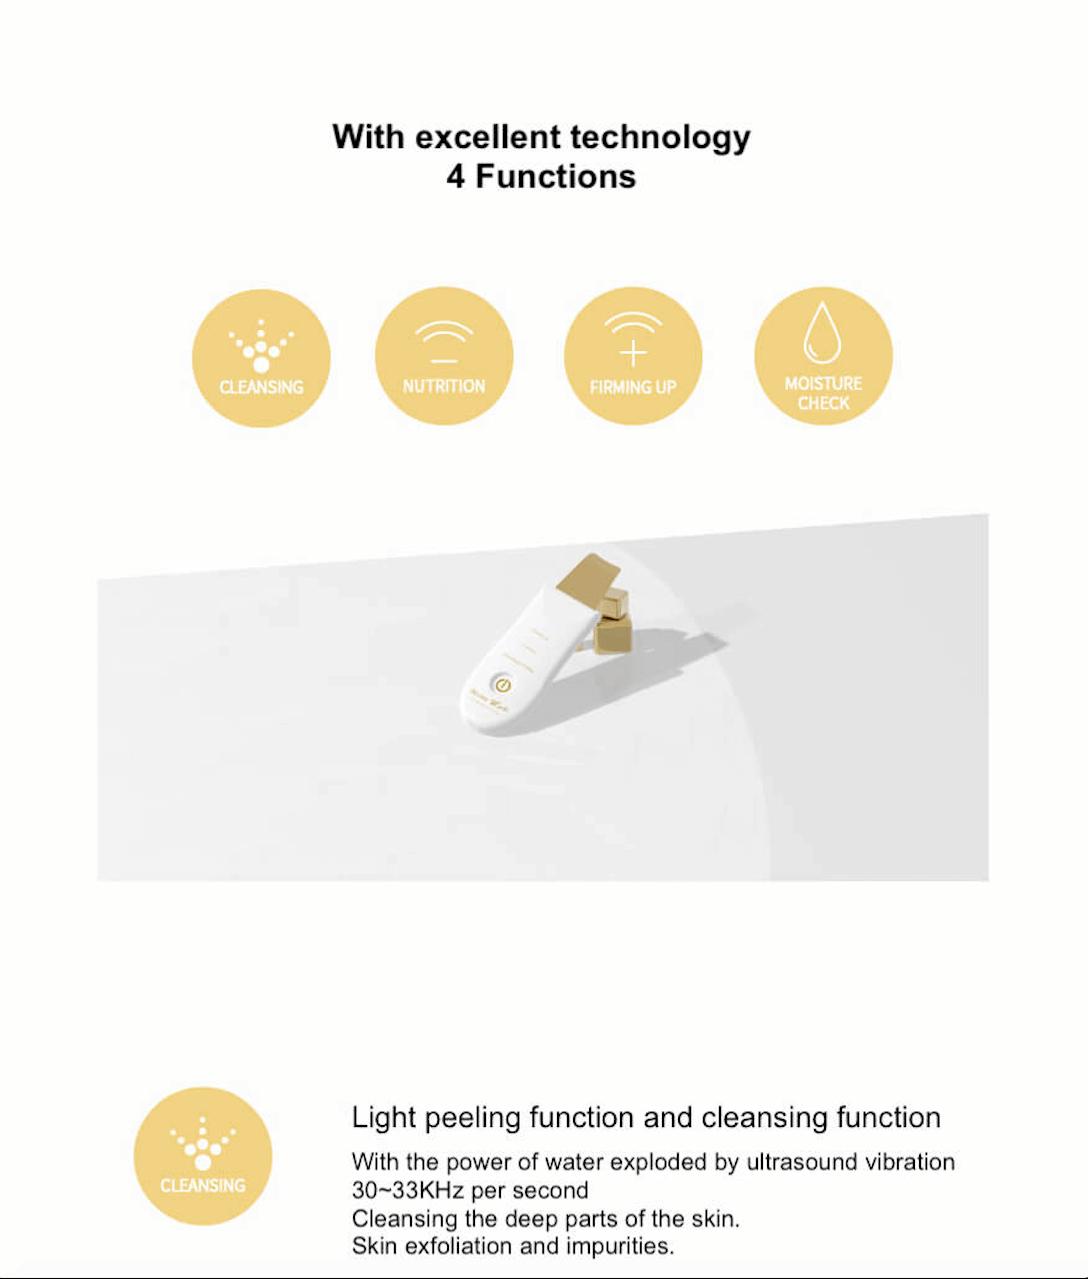 DermaW Gold Ultrasound Water Peeling 10